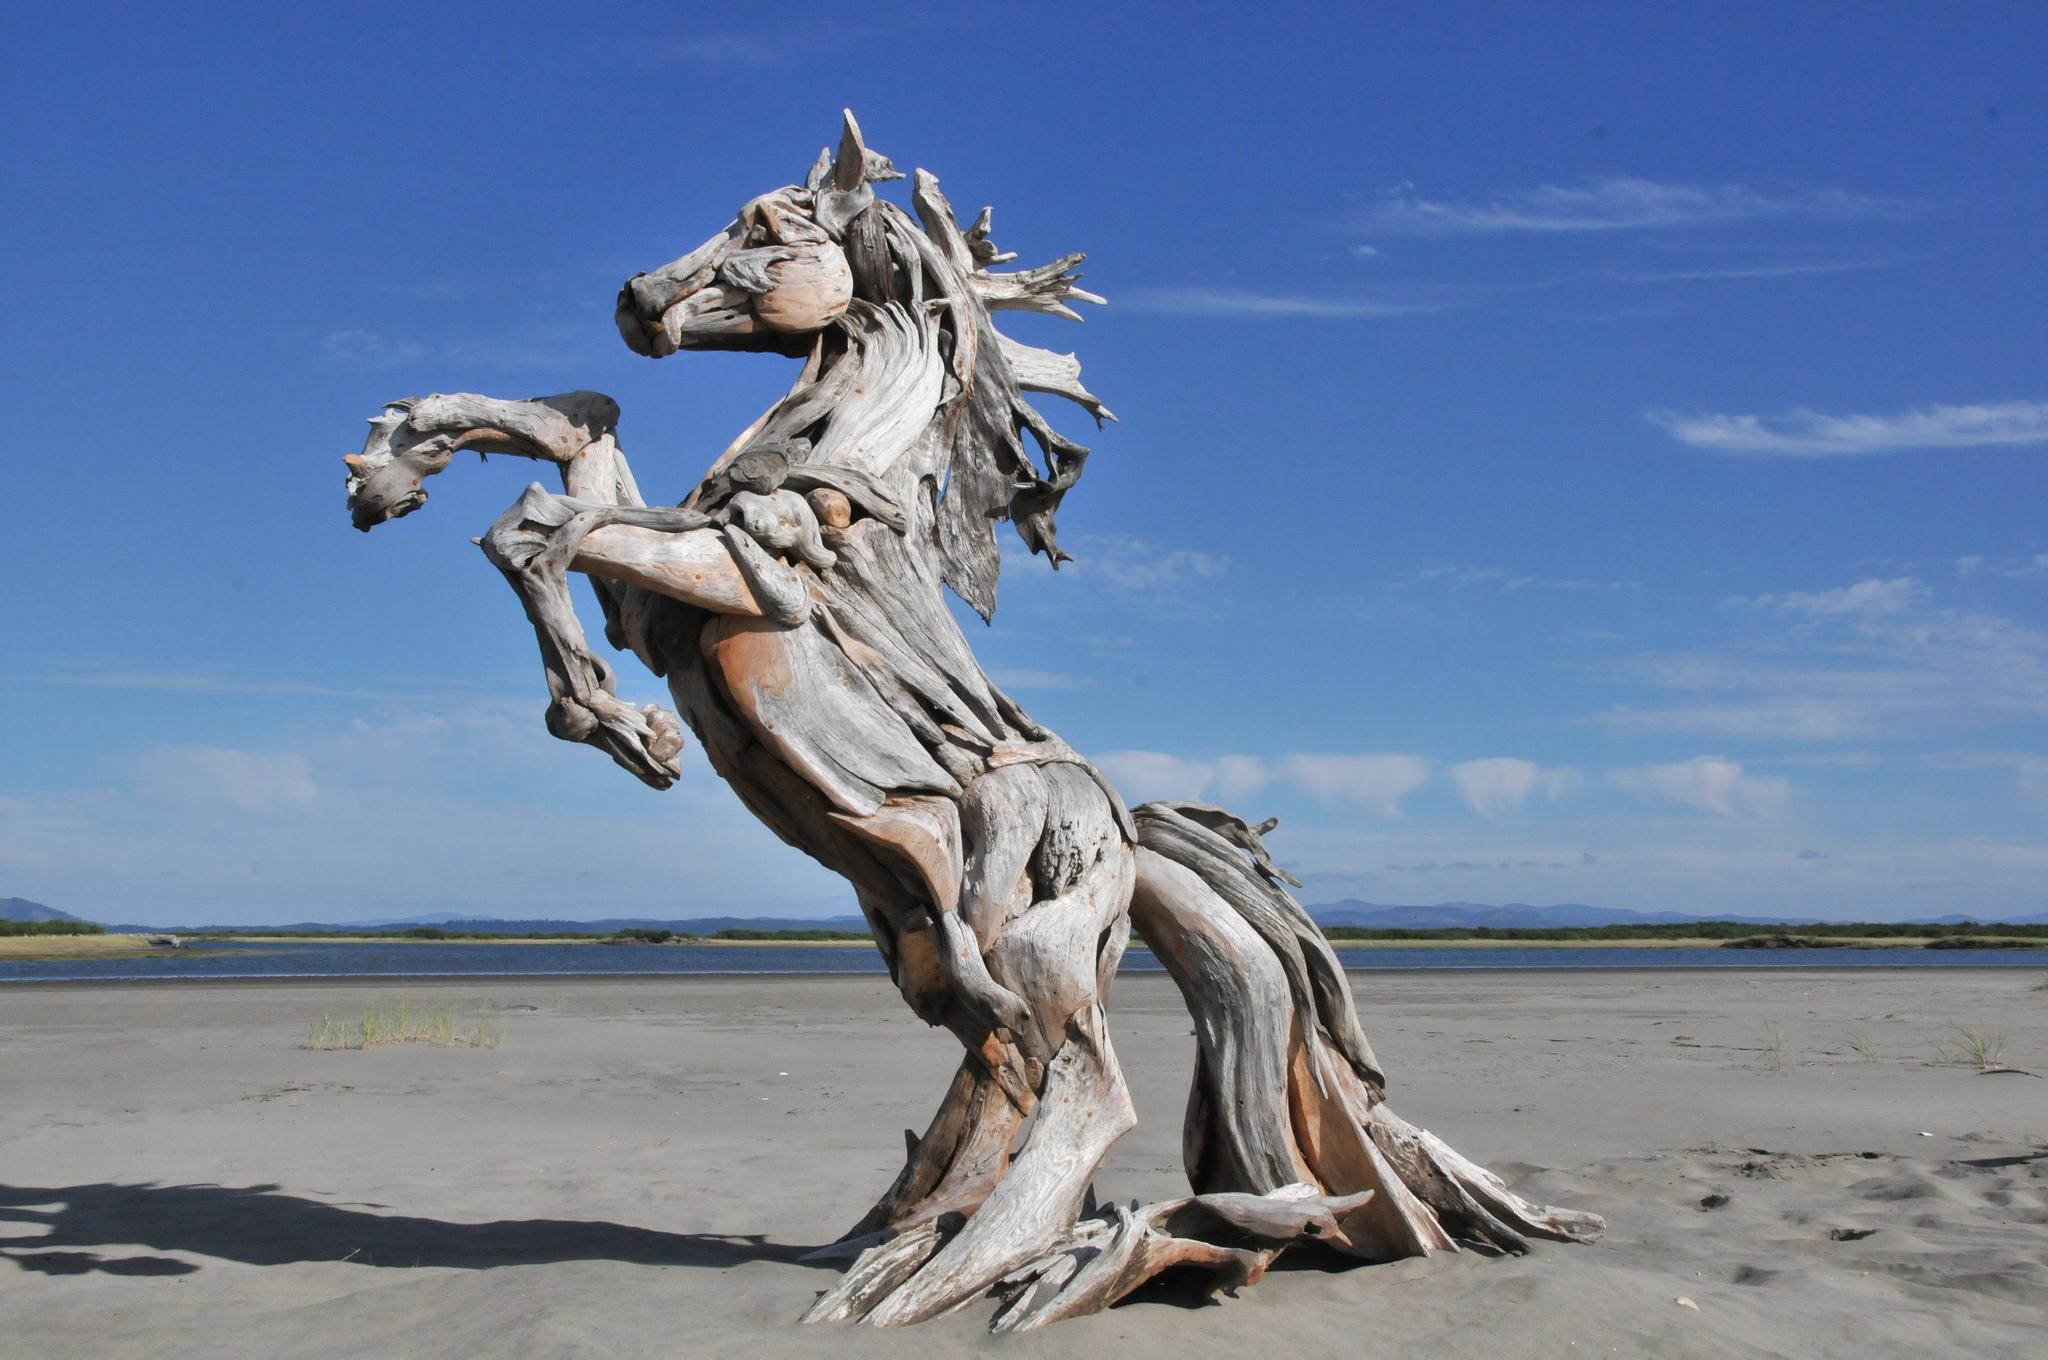 9dc0740c6bb5ef54db8c1e52c94c143a - Скульптуры из коряг, созданные Джефро Уиттом